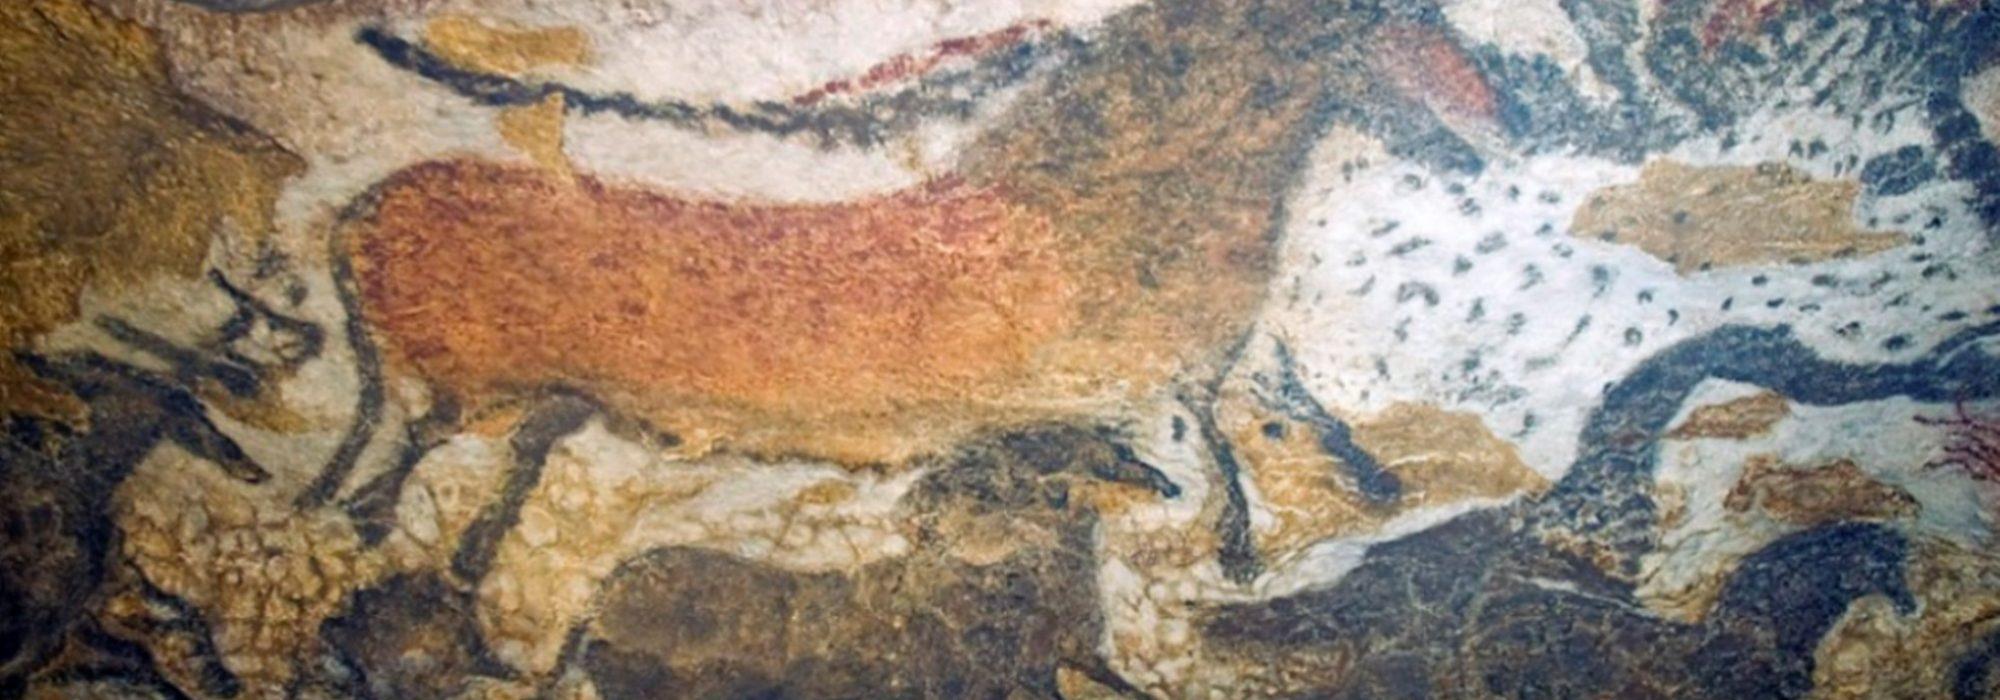 Imagem: pintura rupestre de Lascaux II